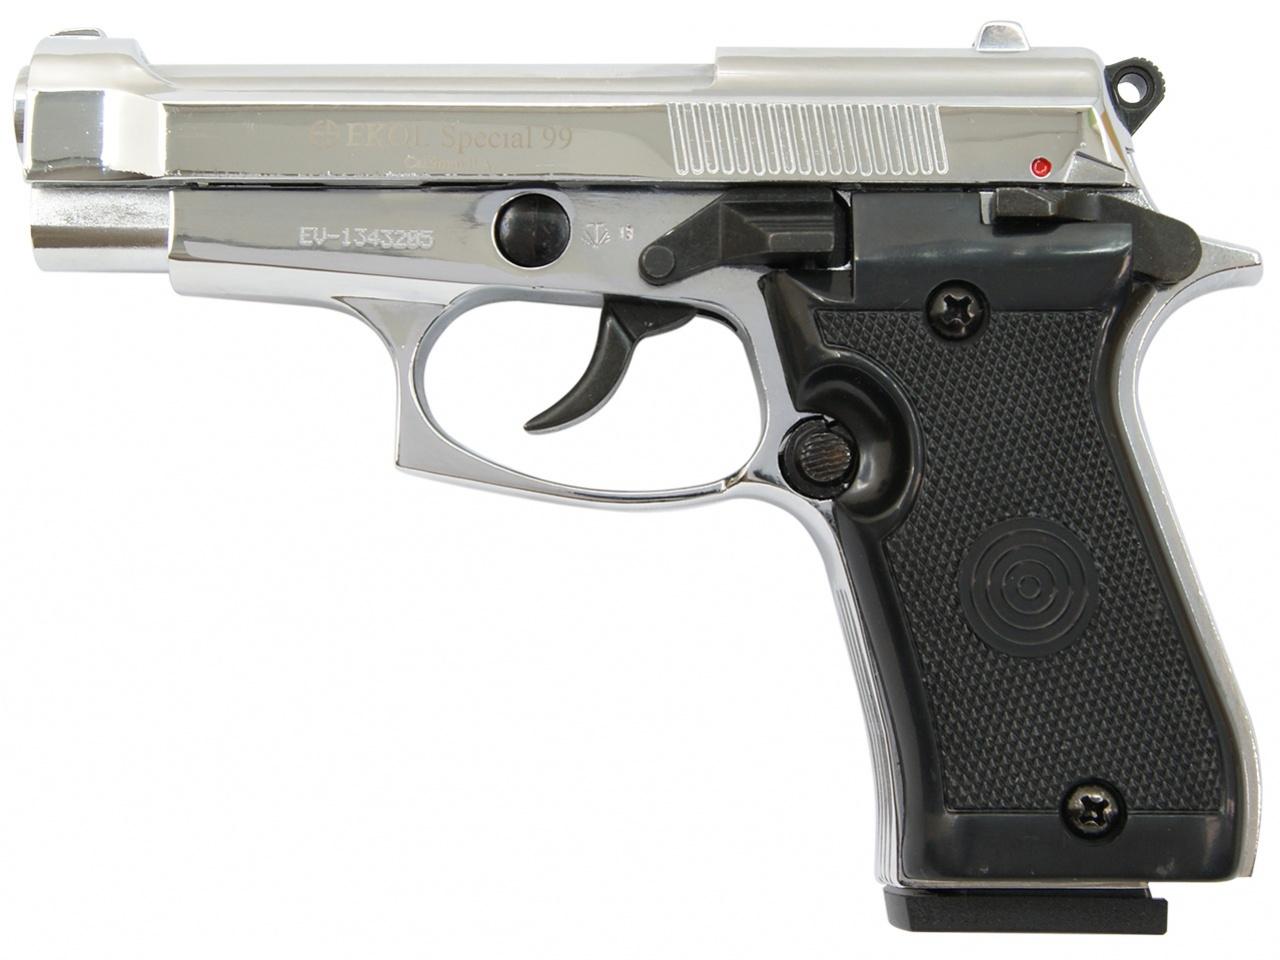 Pistolet gazowy Ekol Special 99 chrom kal.9mm